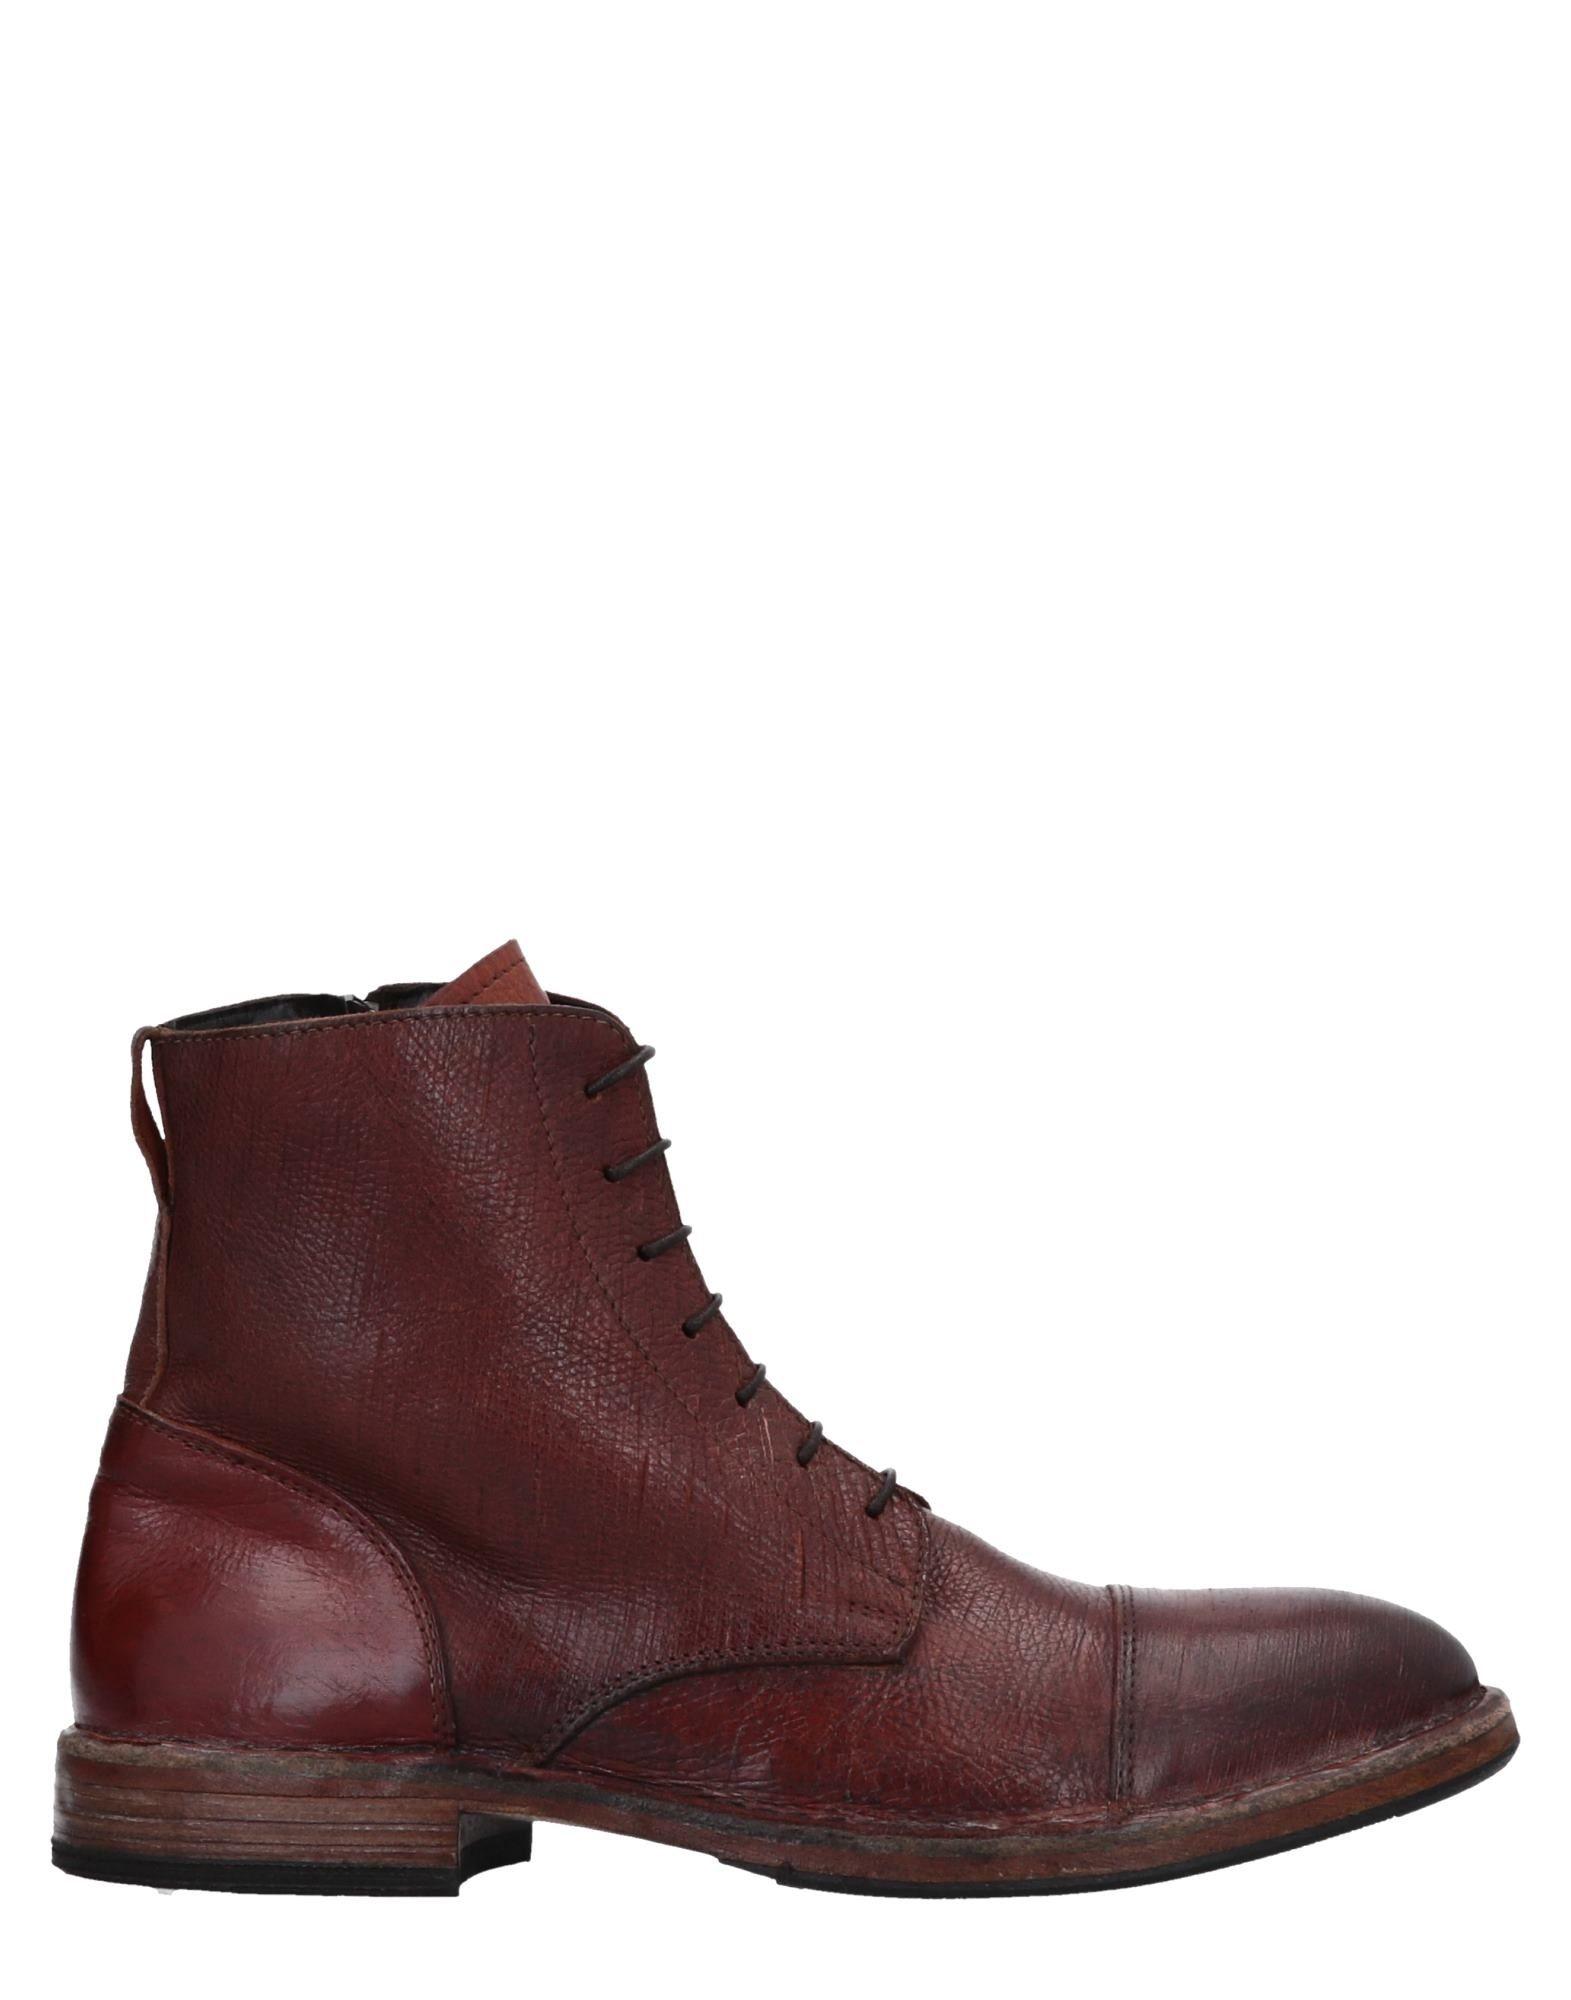 Moma Stiefelette Herren  11512820WD Gute Qualität beliebte Schuhe